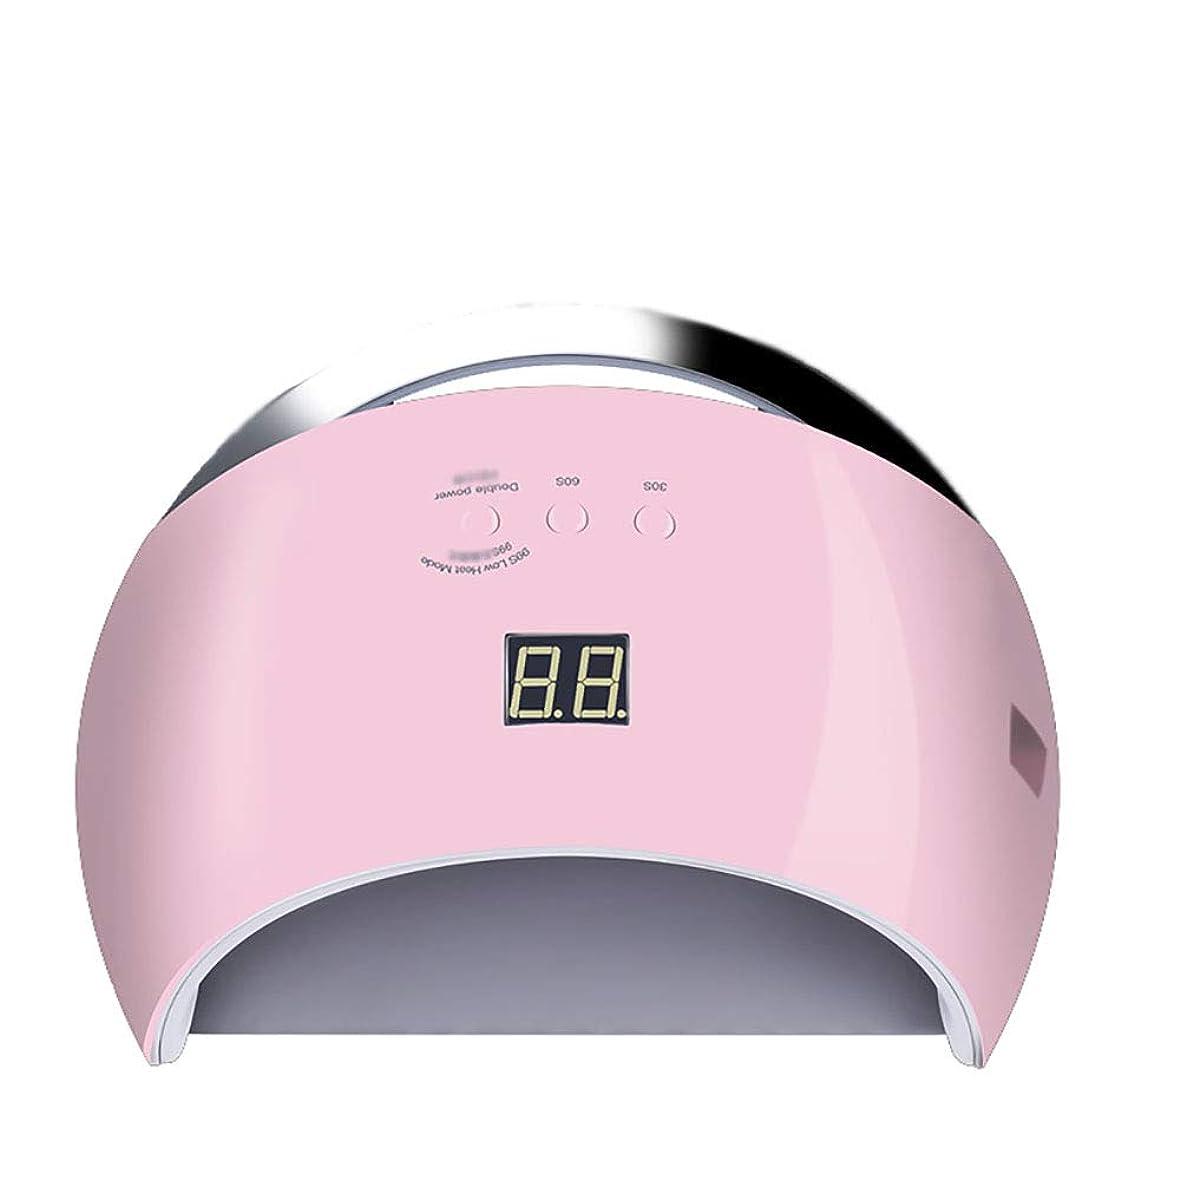 ヒューマニスティック医療の信号釘ドライヤー - 自動赤外線センサー、二重光源のLedランプのゲルのドライヤーのマニキュアが付いている紫外線携帯用Ledの釘ランプ